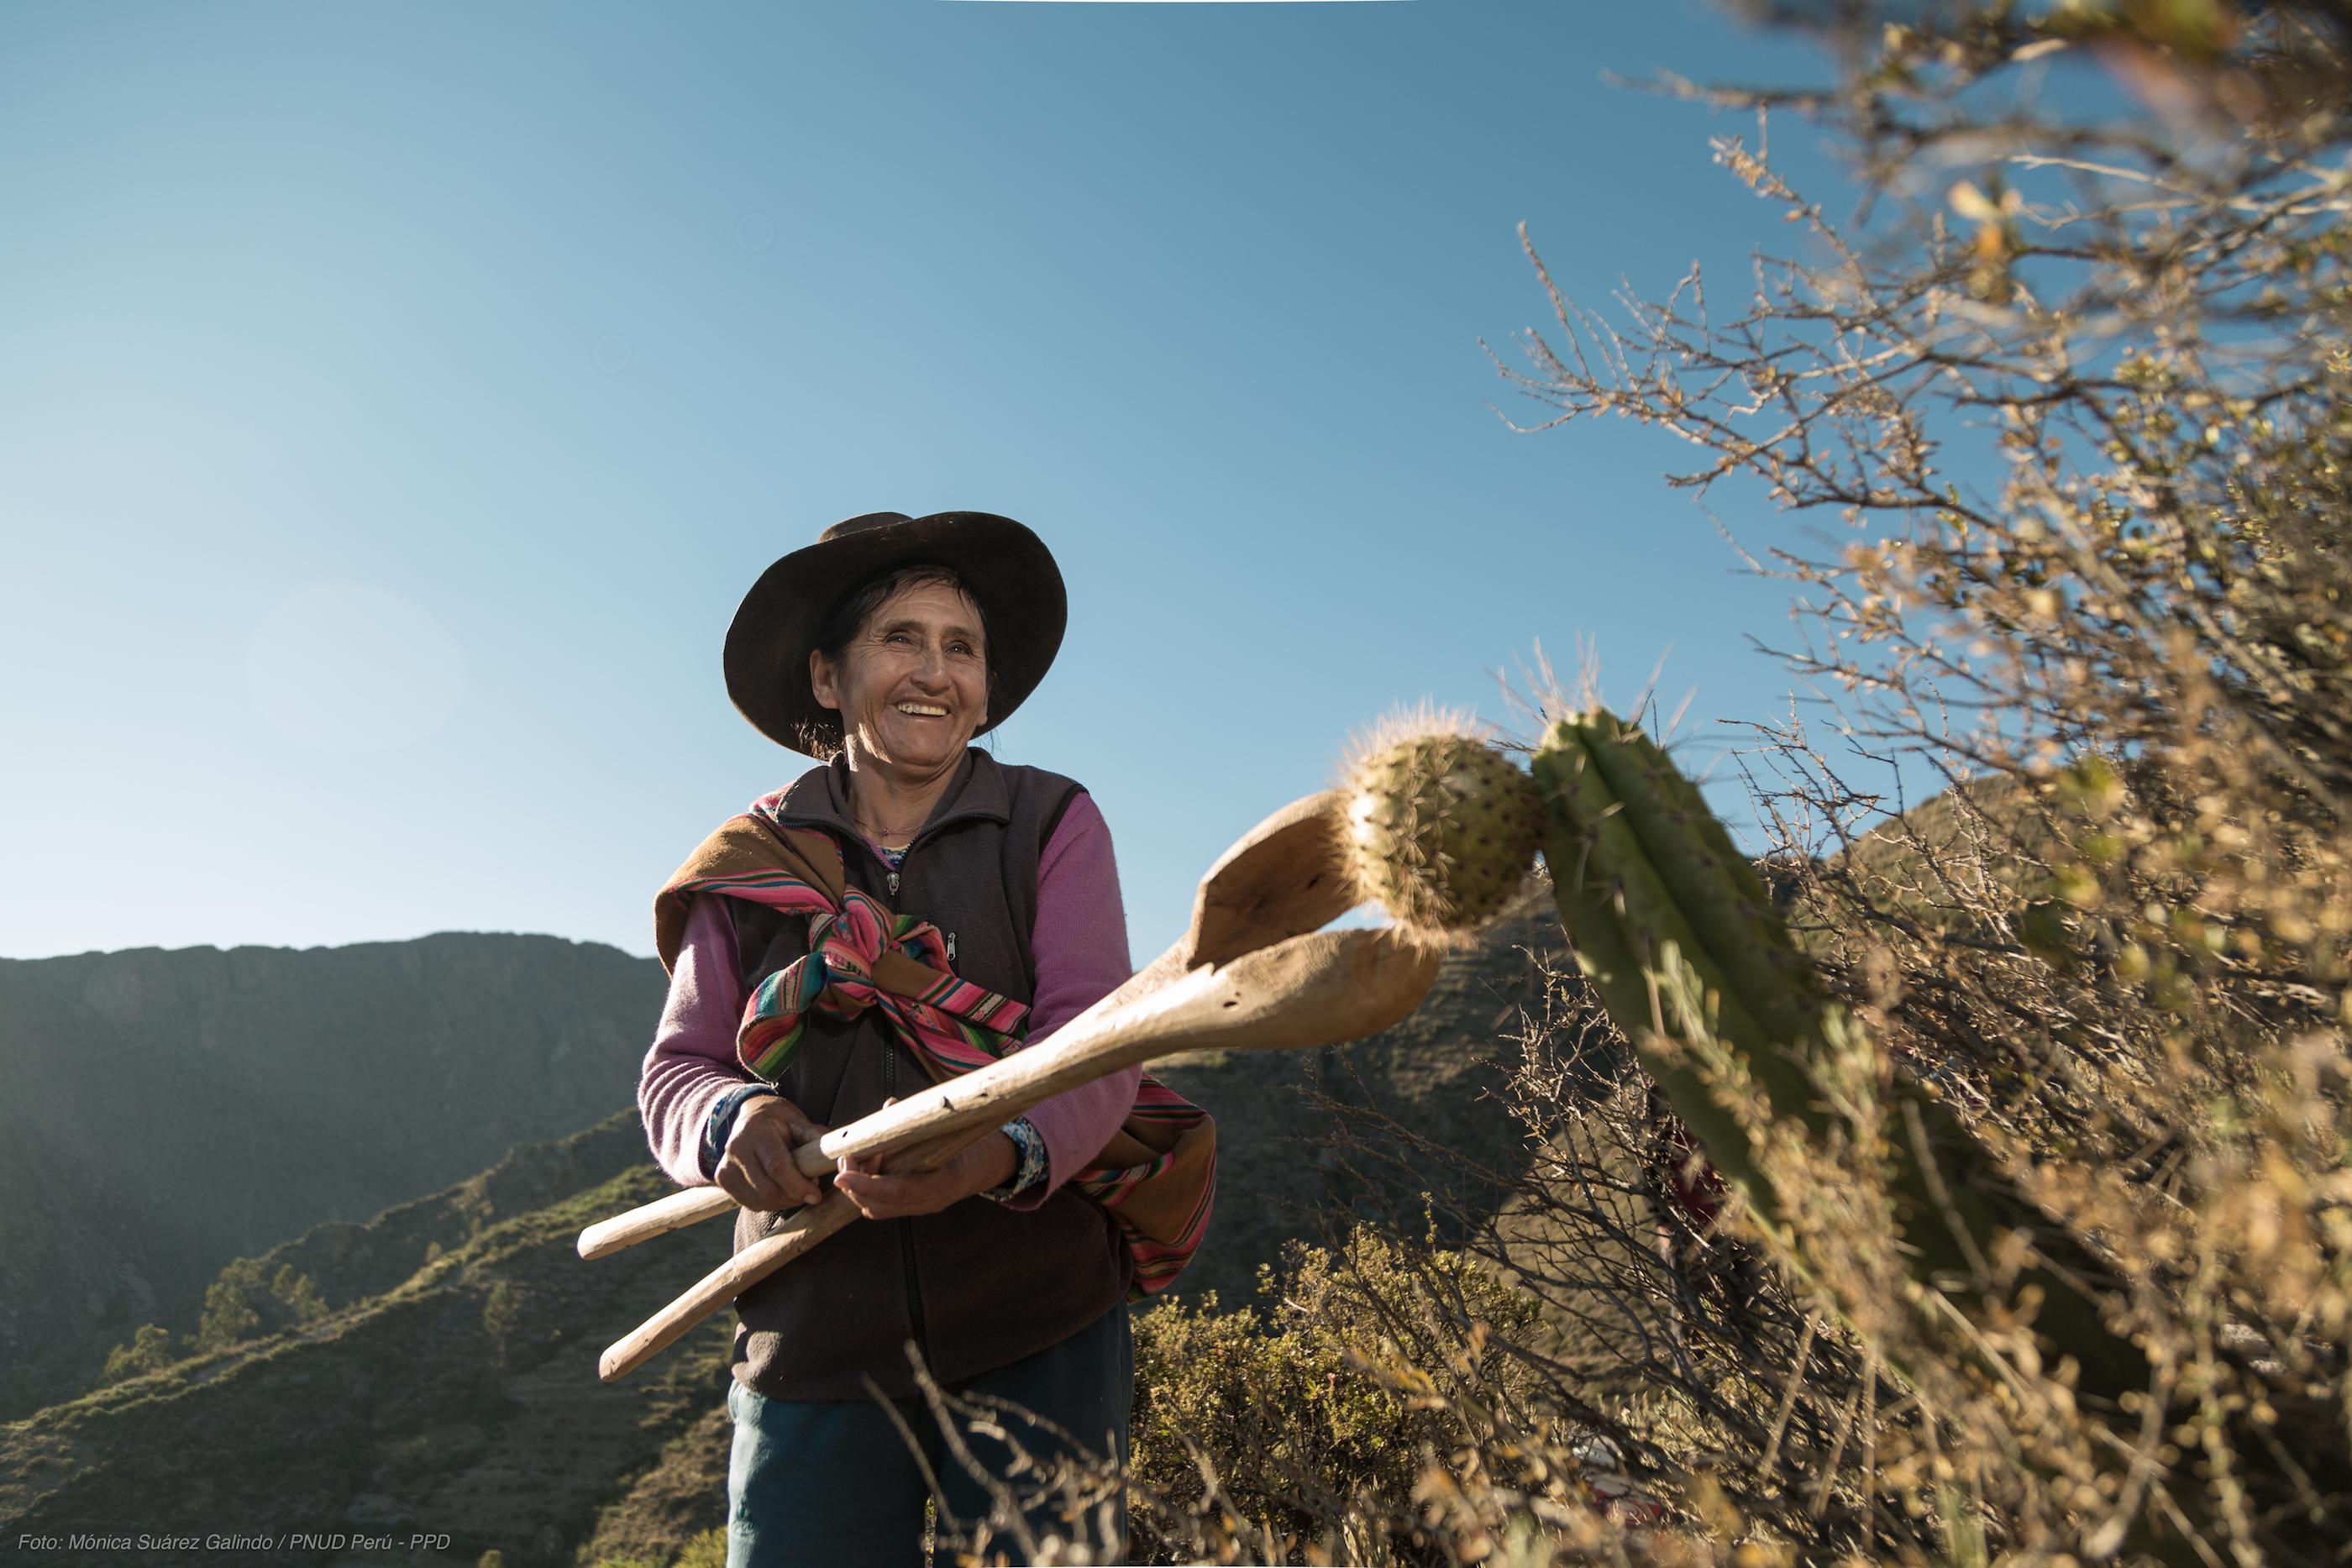 En Perú, una comunidad ubicada por encima de los 3000 metros de altura apuesta por el rescate del sancayo. Foto: Mónica Suárez Galindo / PNUD Perú – PPD.